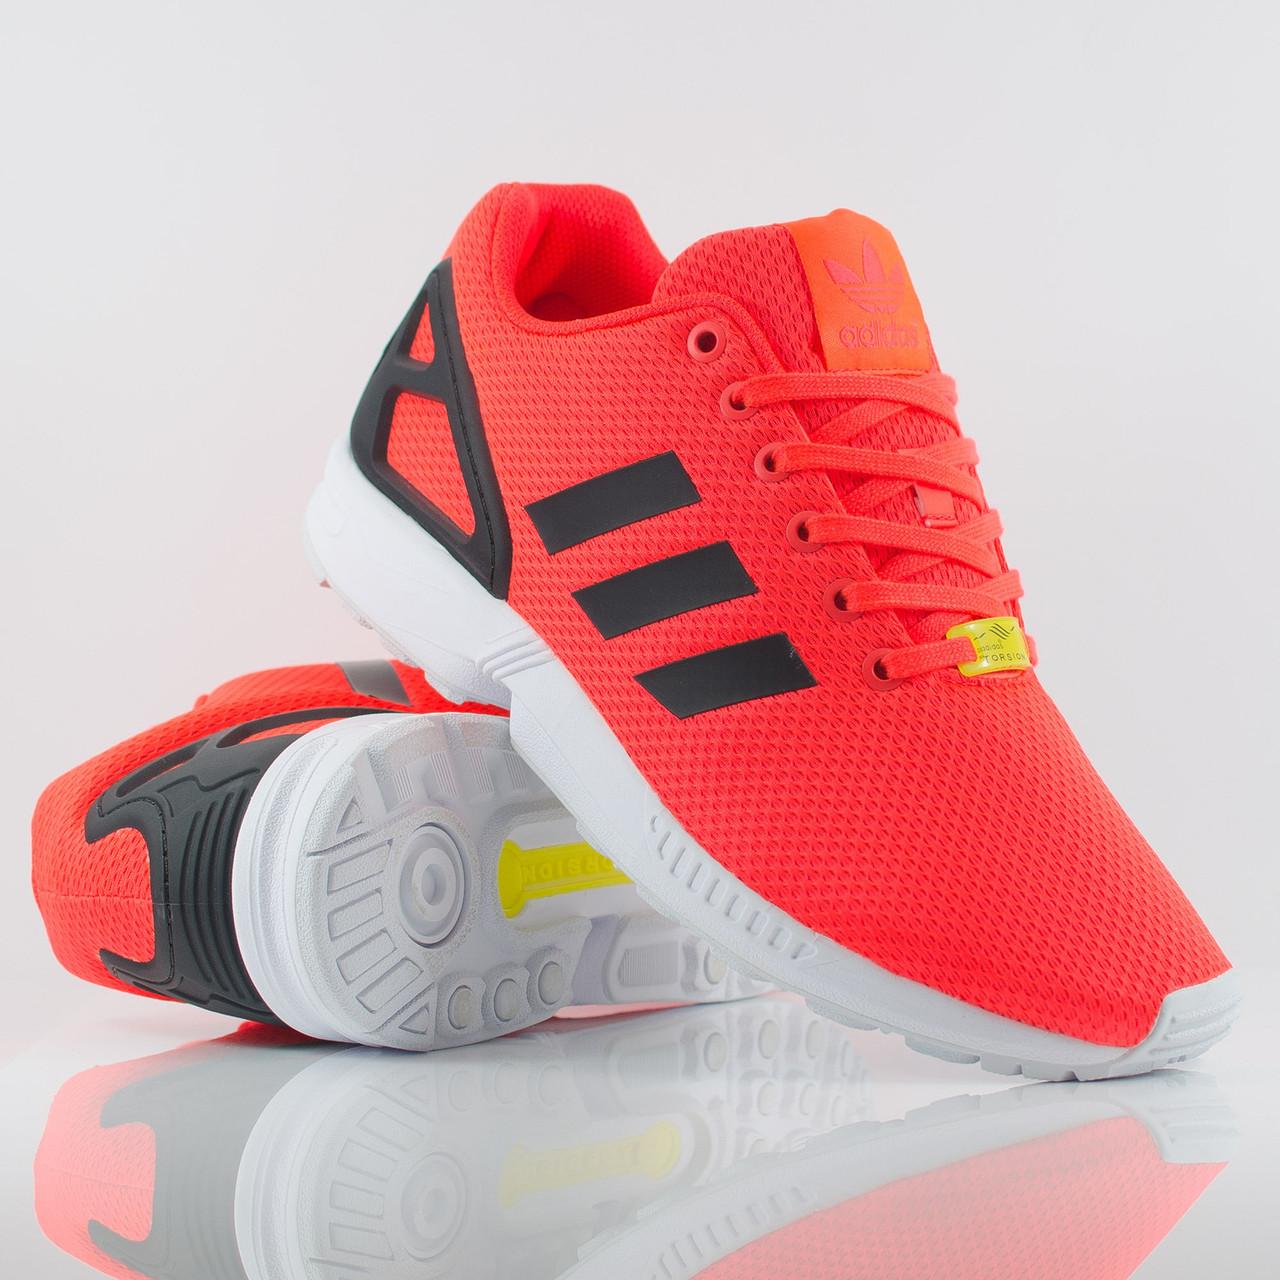 Мужские кроссовки Adidas ZX Flux Torsion красные с черным, ... aba36177bd9